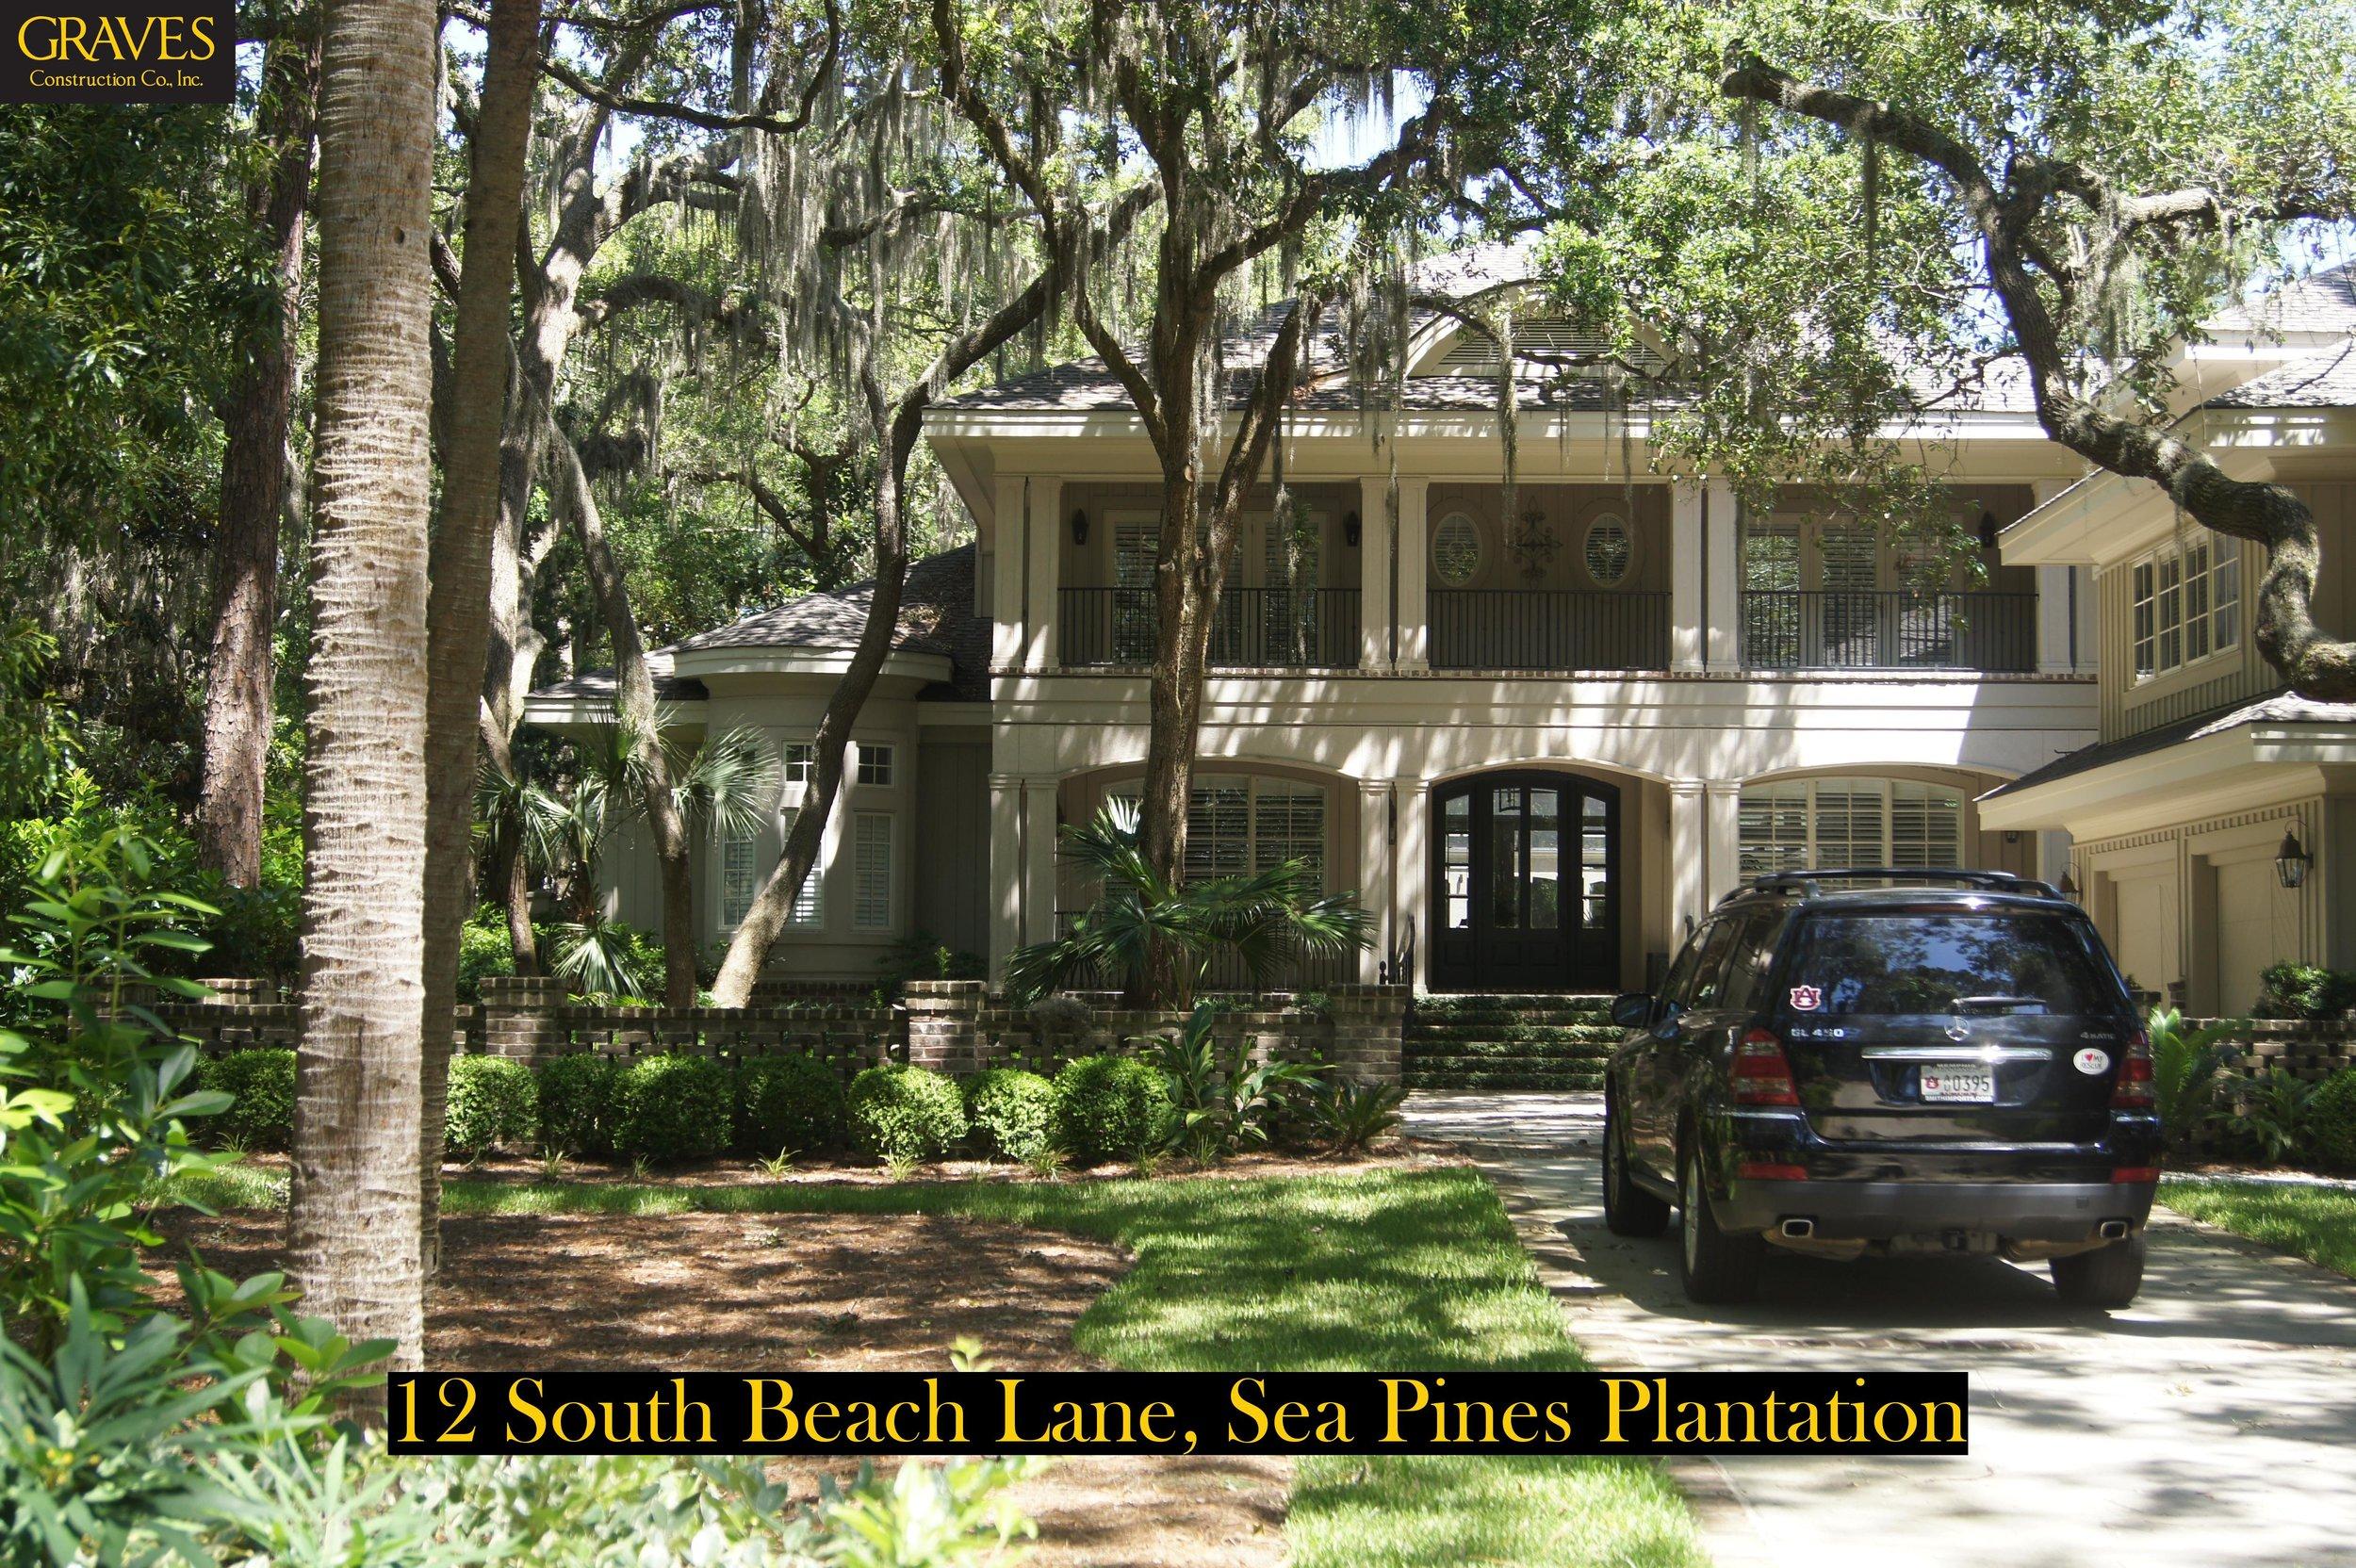 12 South Beach Lagoon Lane - 3